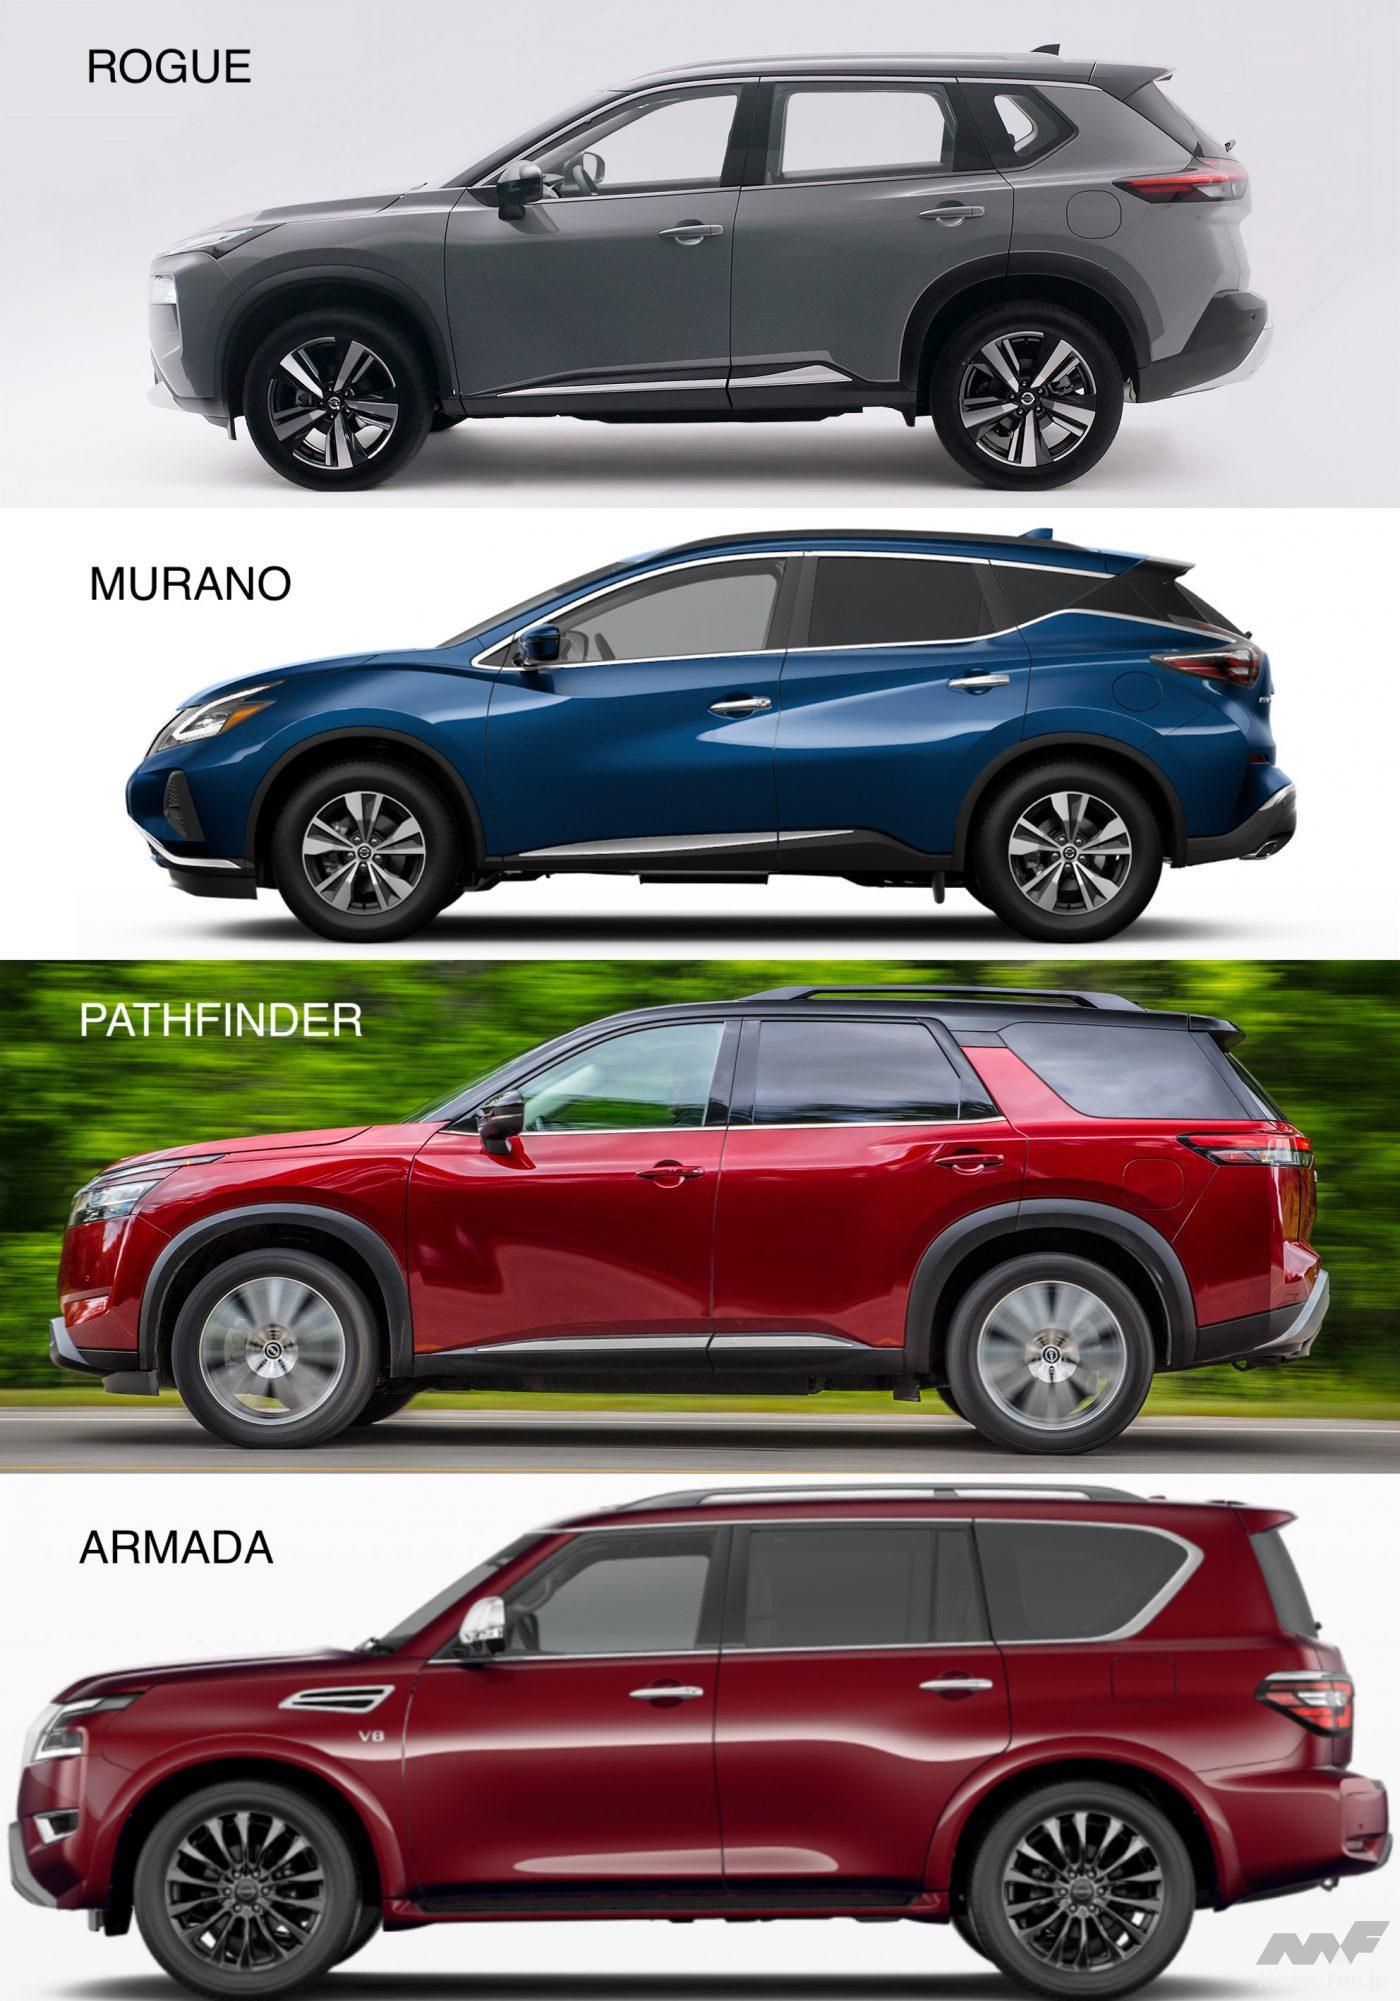 「日産SUV全14モデル マグナイト、キックス、エクストレイルから全長5.3m超のパトロールまで多彩な顔ぶれ」の2枚目の画像